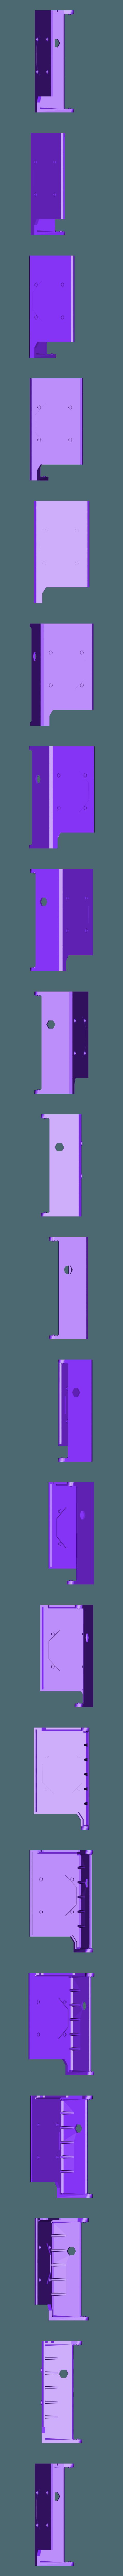 dasaki_ramps_enclosure_cover.stl Télécharger fichier STL gratuit Dasaki Ramps 1.4 Boîtier / Boîte / Boîtier • Plan pour impression 3D, dasaki